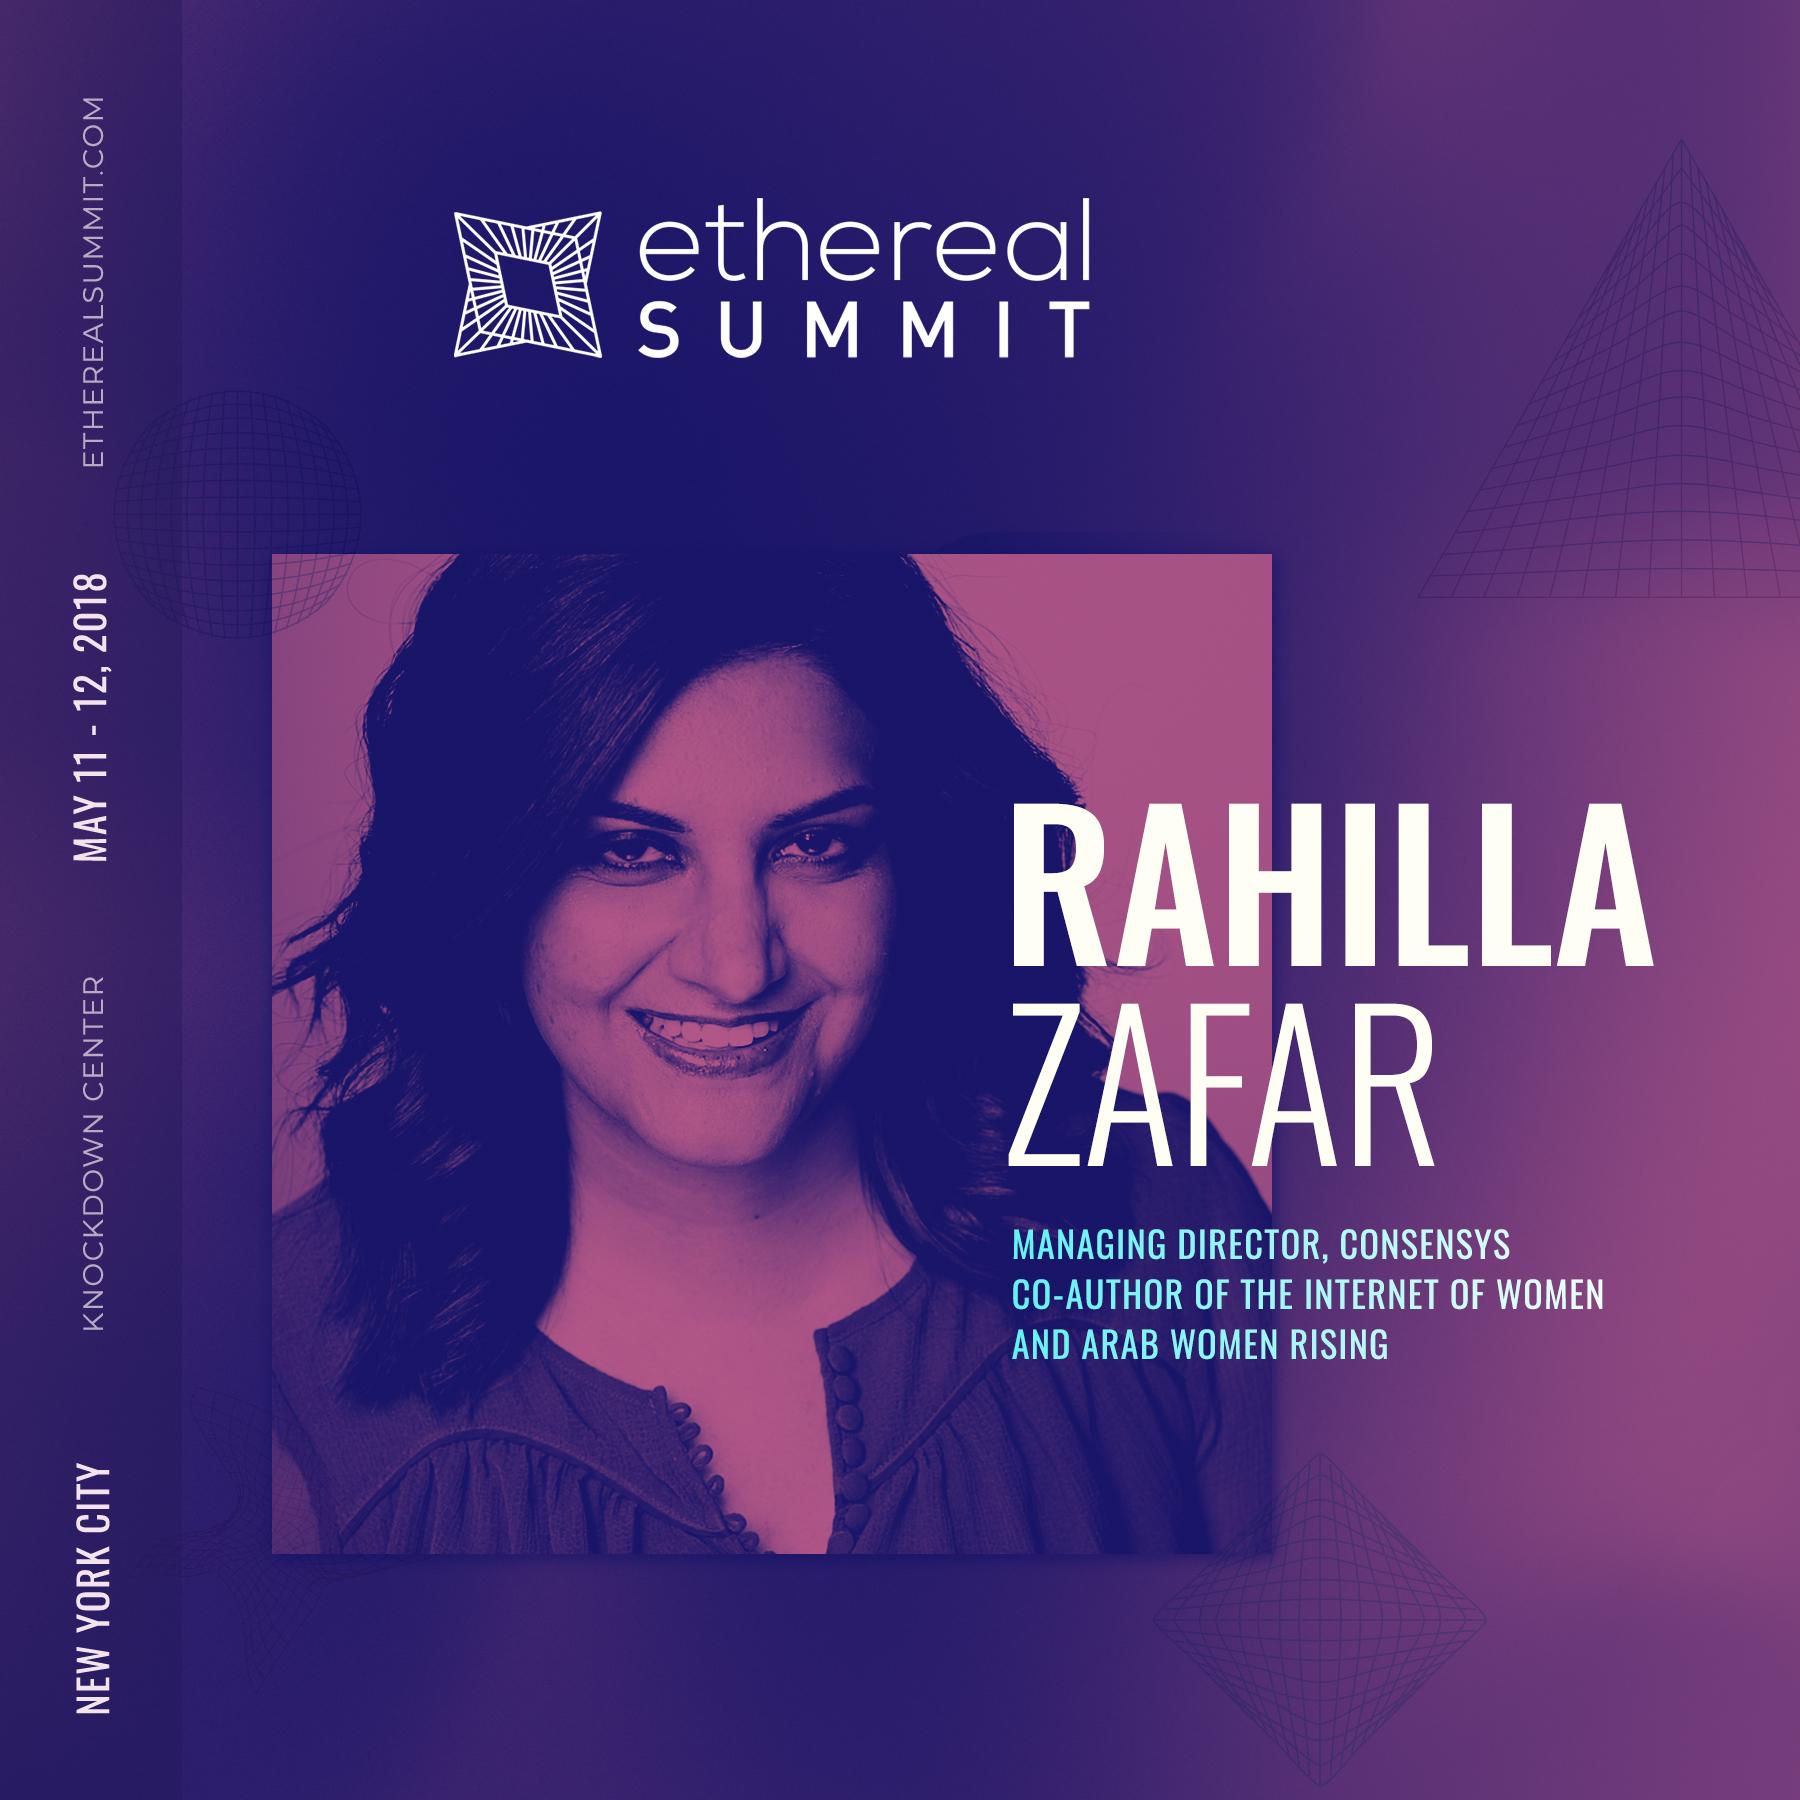 Rahilla Zafar